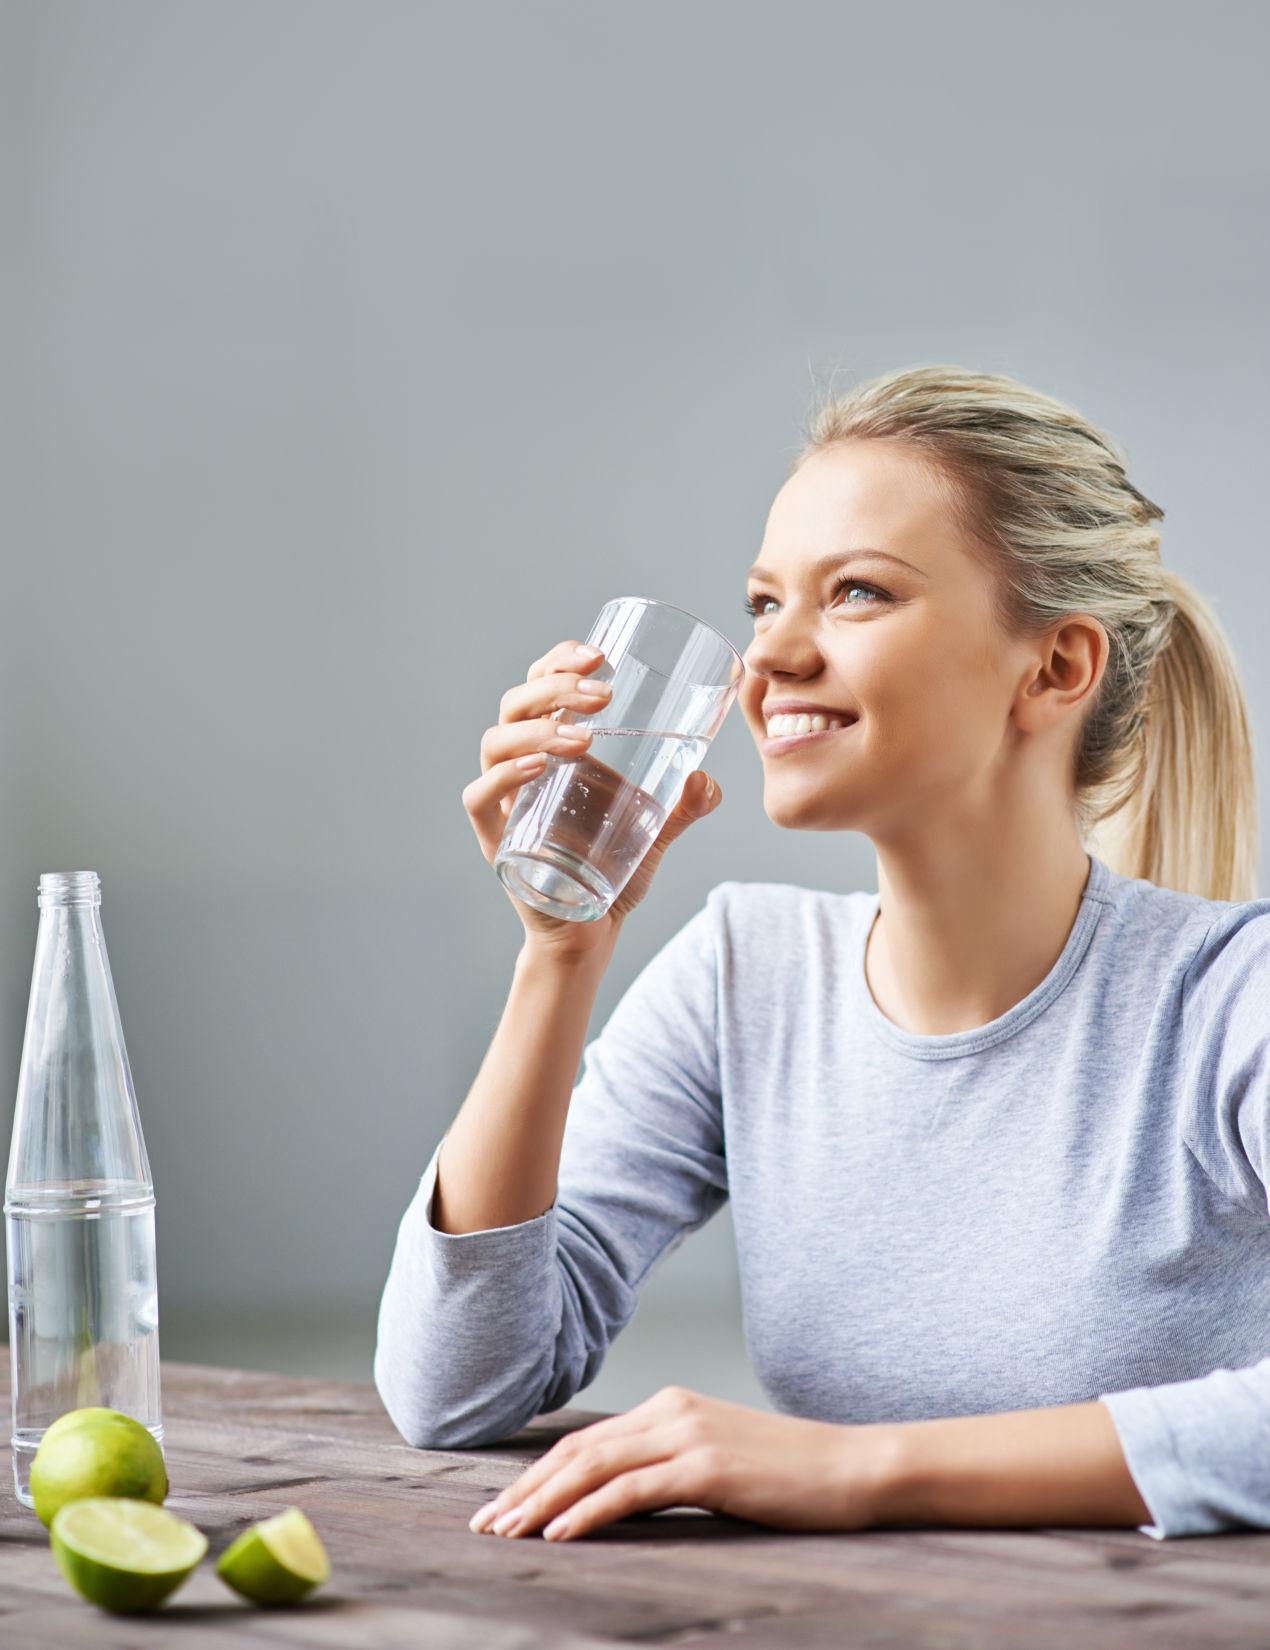 glueckliche-frau-trinkt-gesundes-reines-osmose-wasser